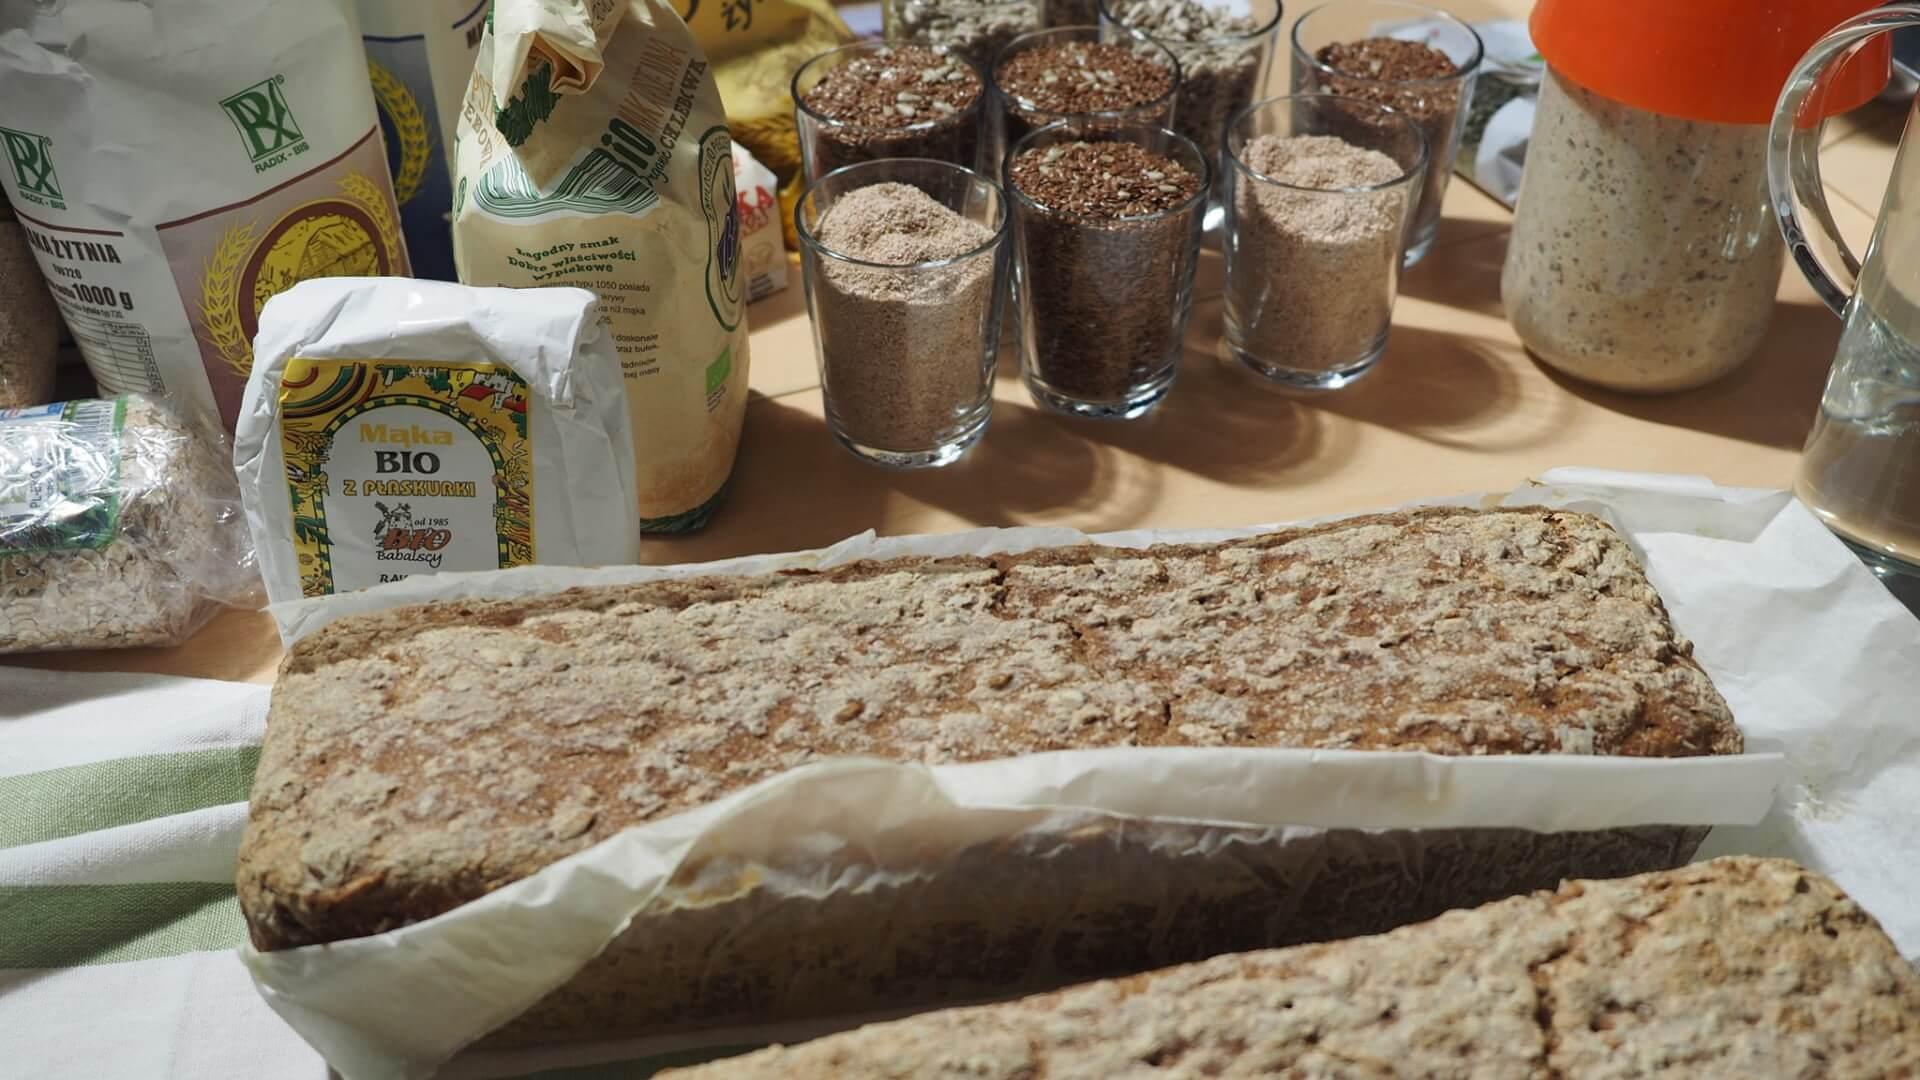 Chleb i składniki do jego przygotowania